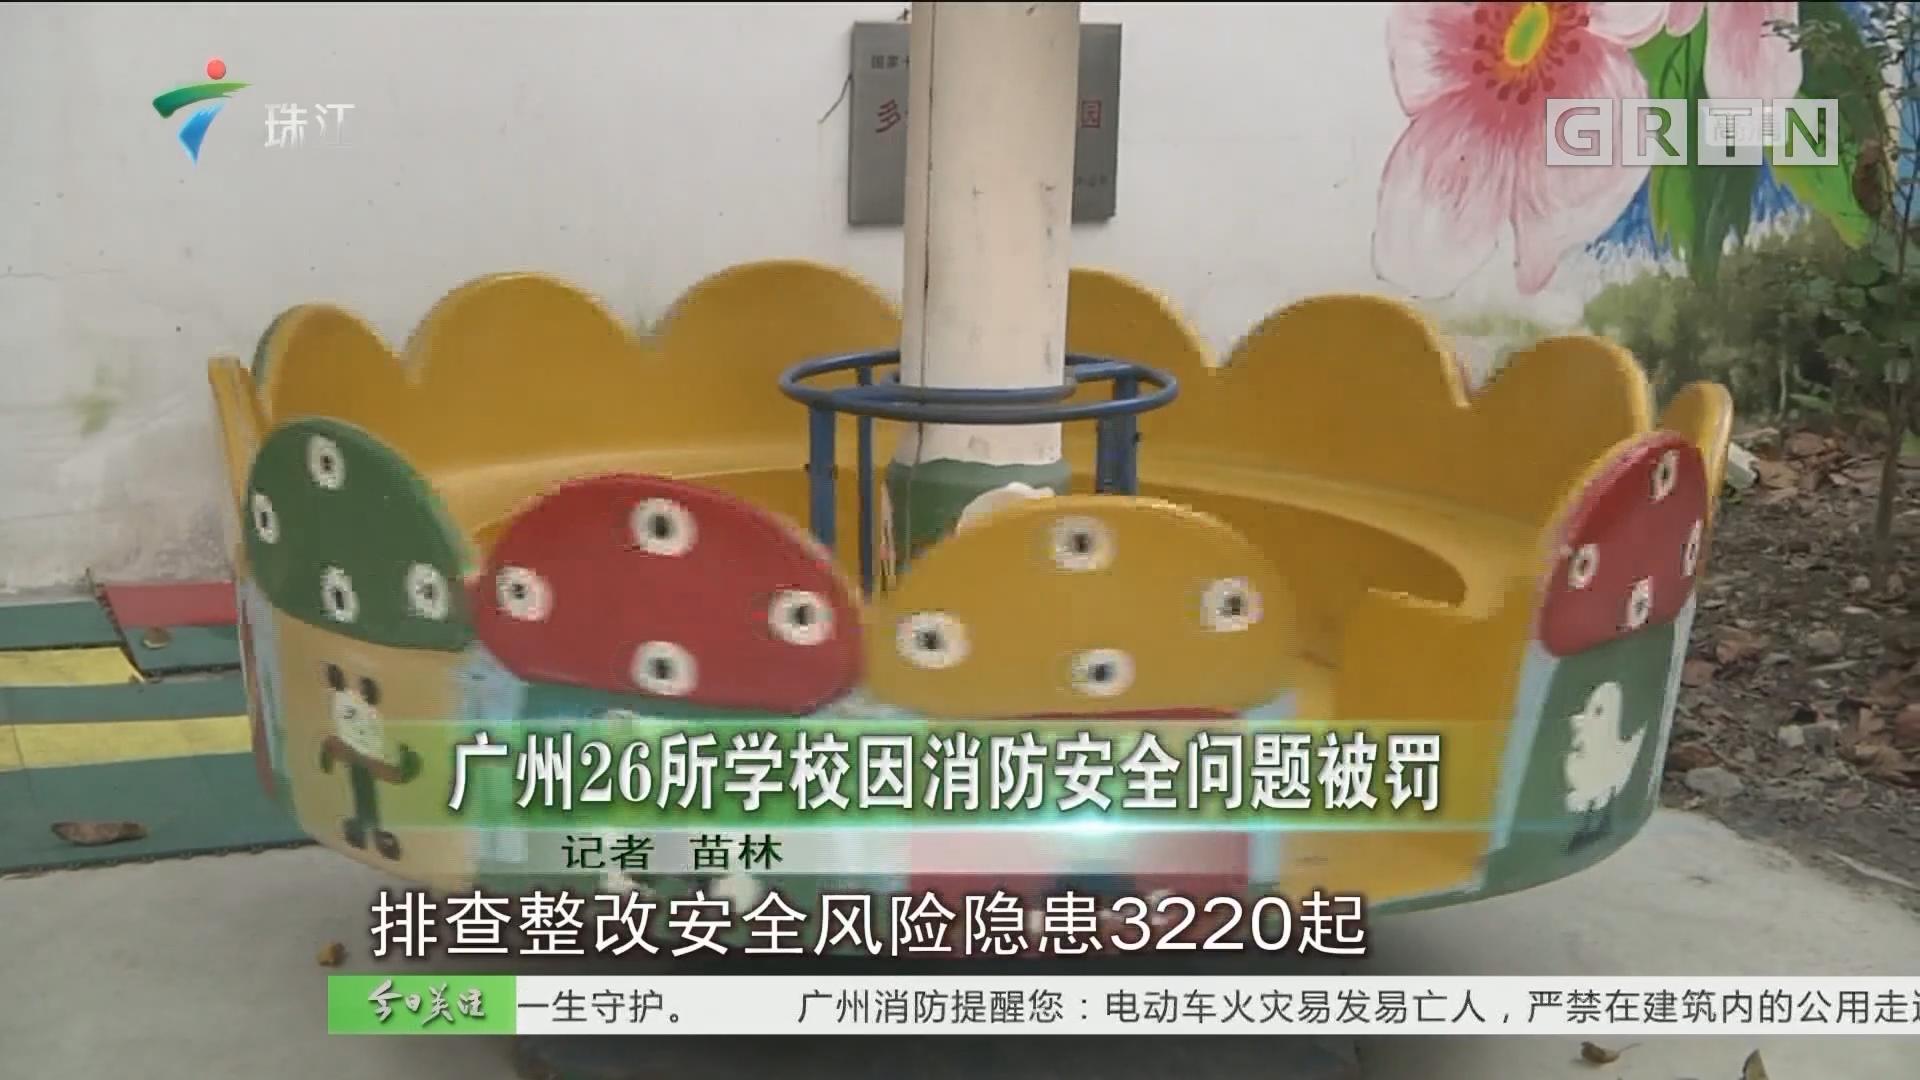 广州26所学校因消防安全问题被罚